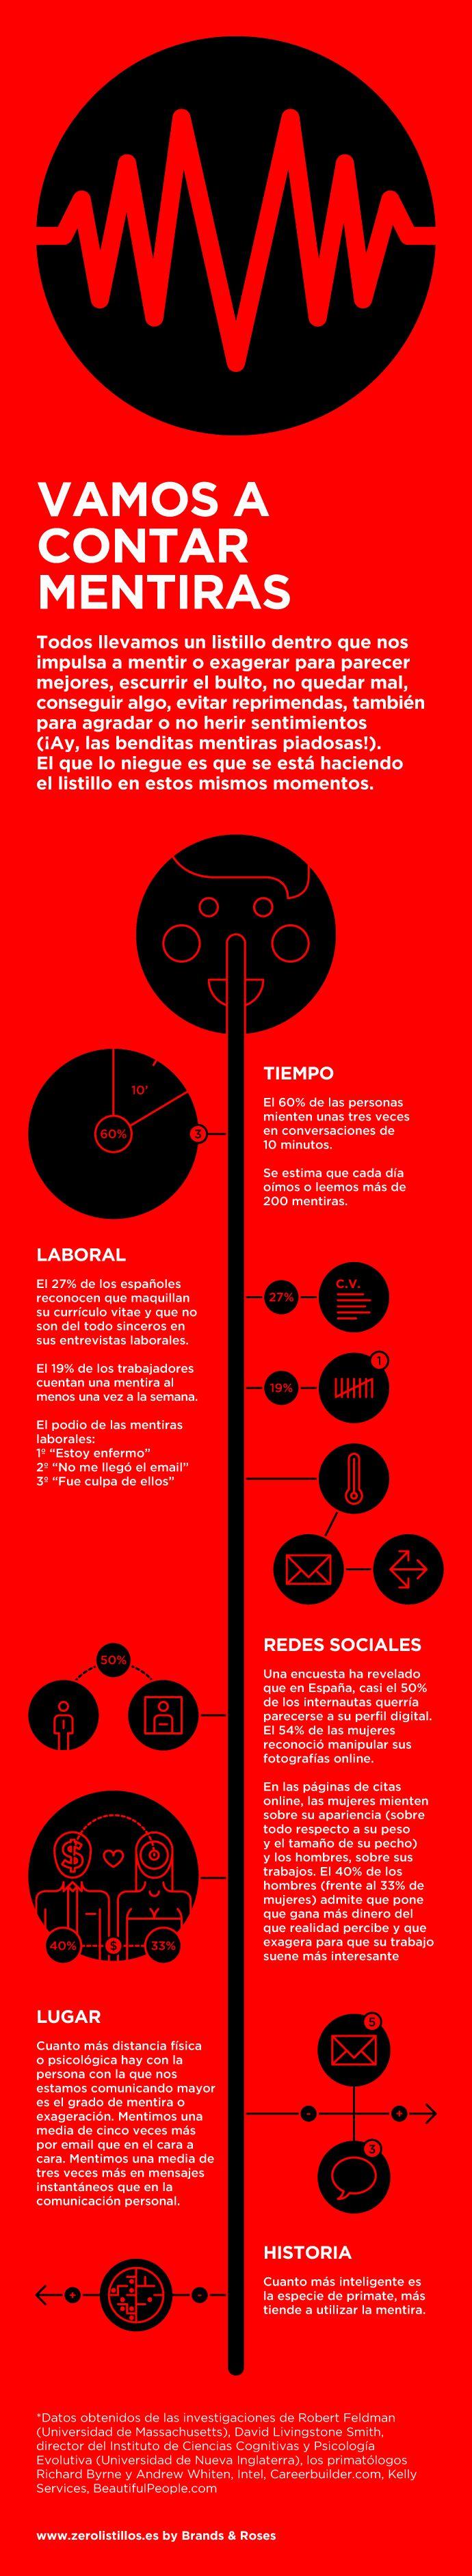 Todo sobre las mentiras | Mentiras everywere #infografia #infographic